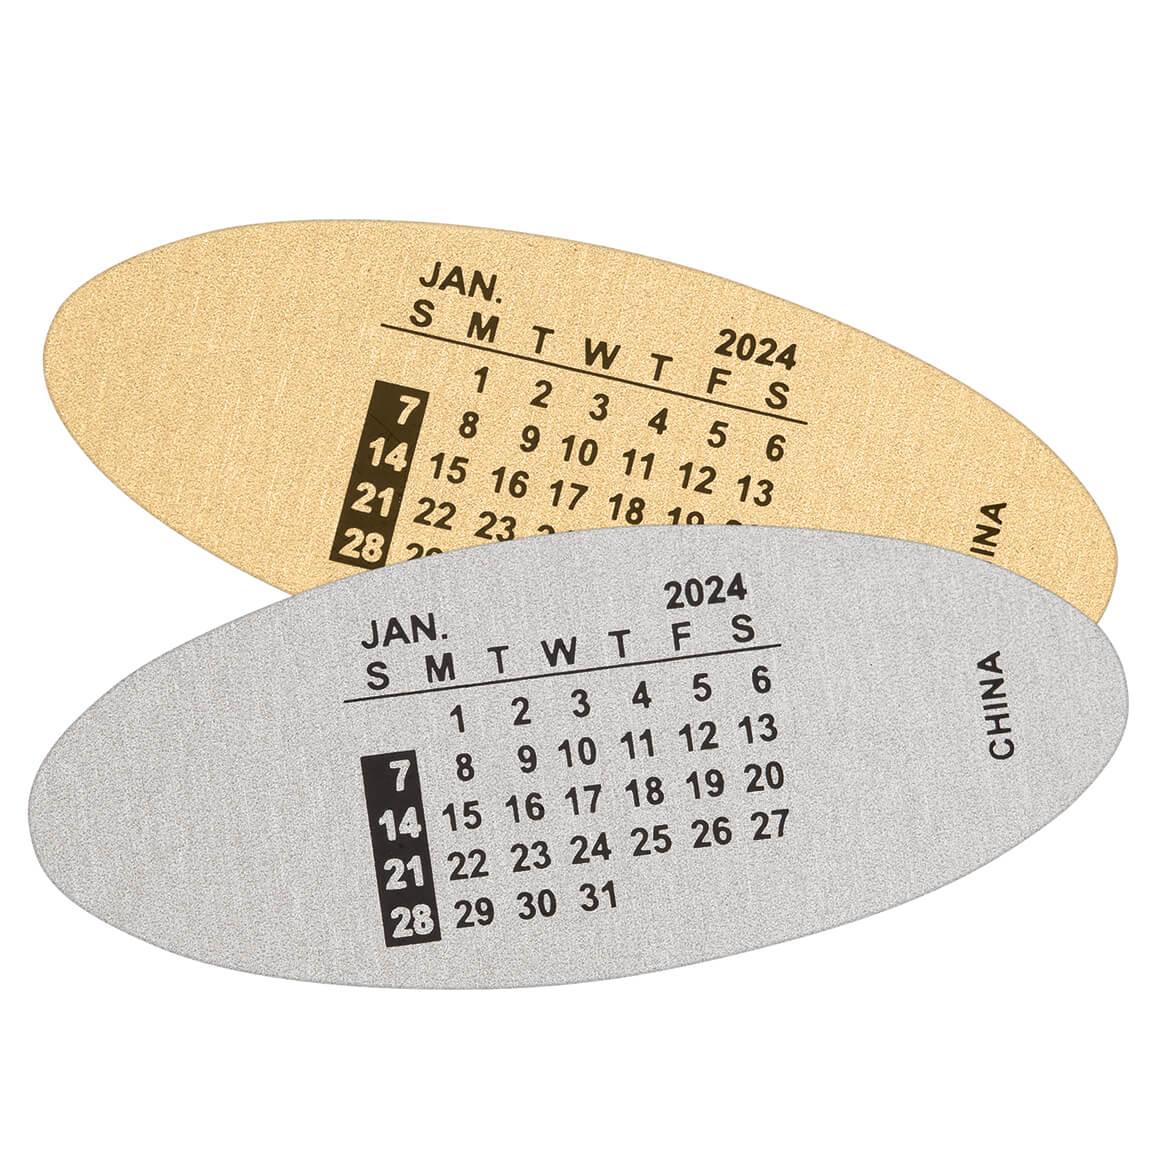 Watchband Calendar Plates